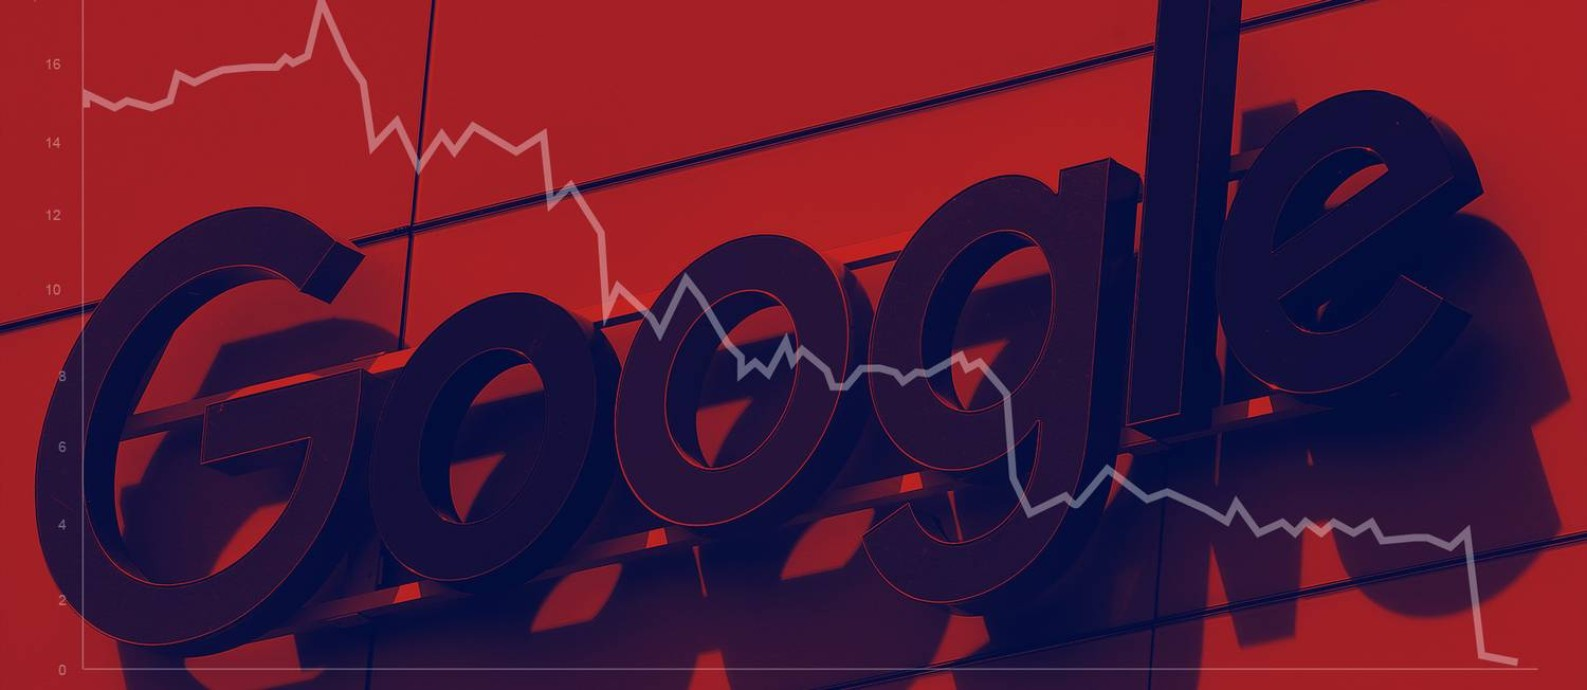 Empresas de tecnologia na mira do movimento 'Occupy Wall Street' Foto: Ilustração O Globo